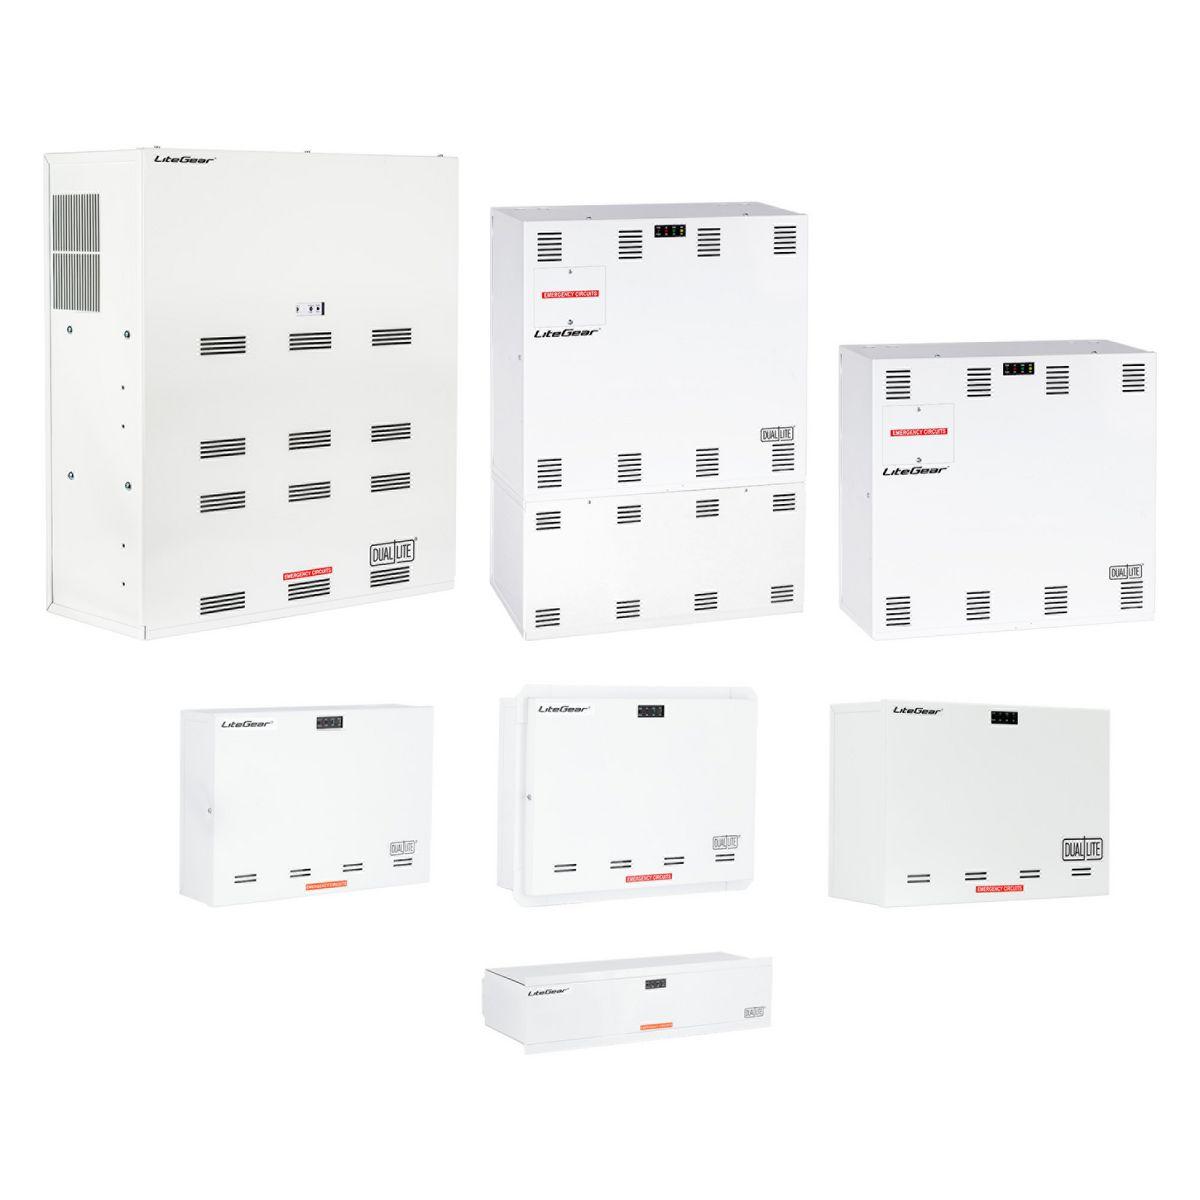 Dualite Lighting Inverter Wiring Diagram : 40 Wiring